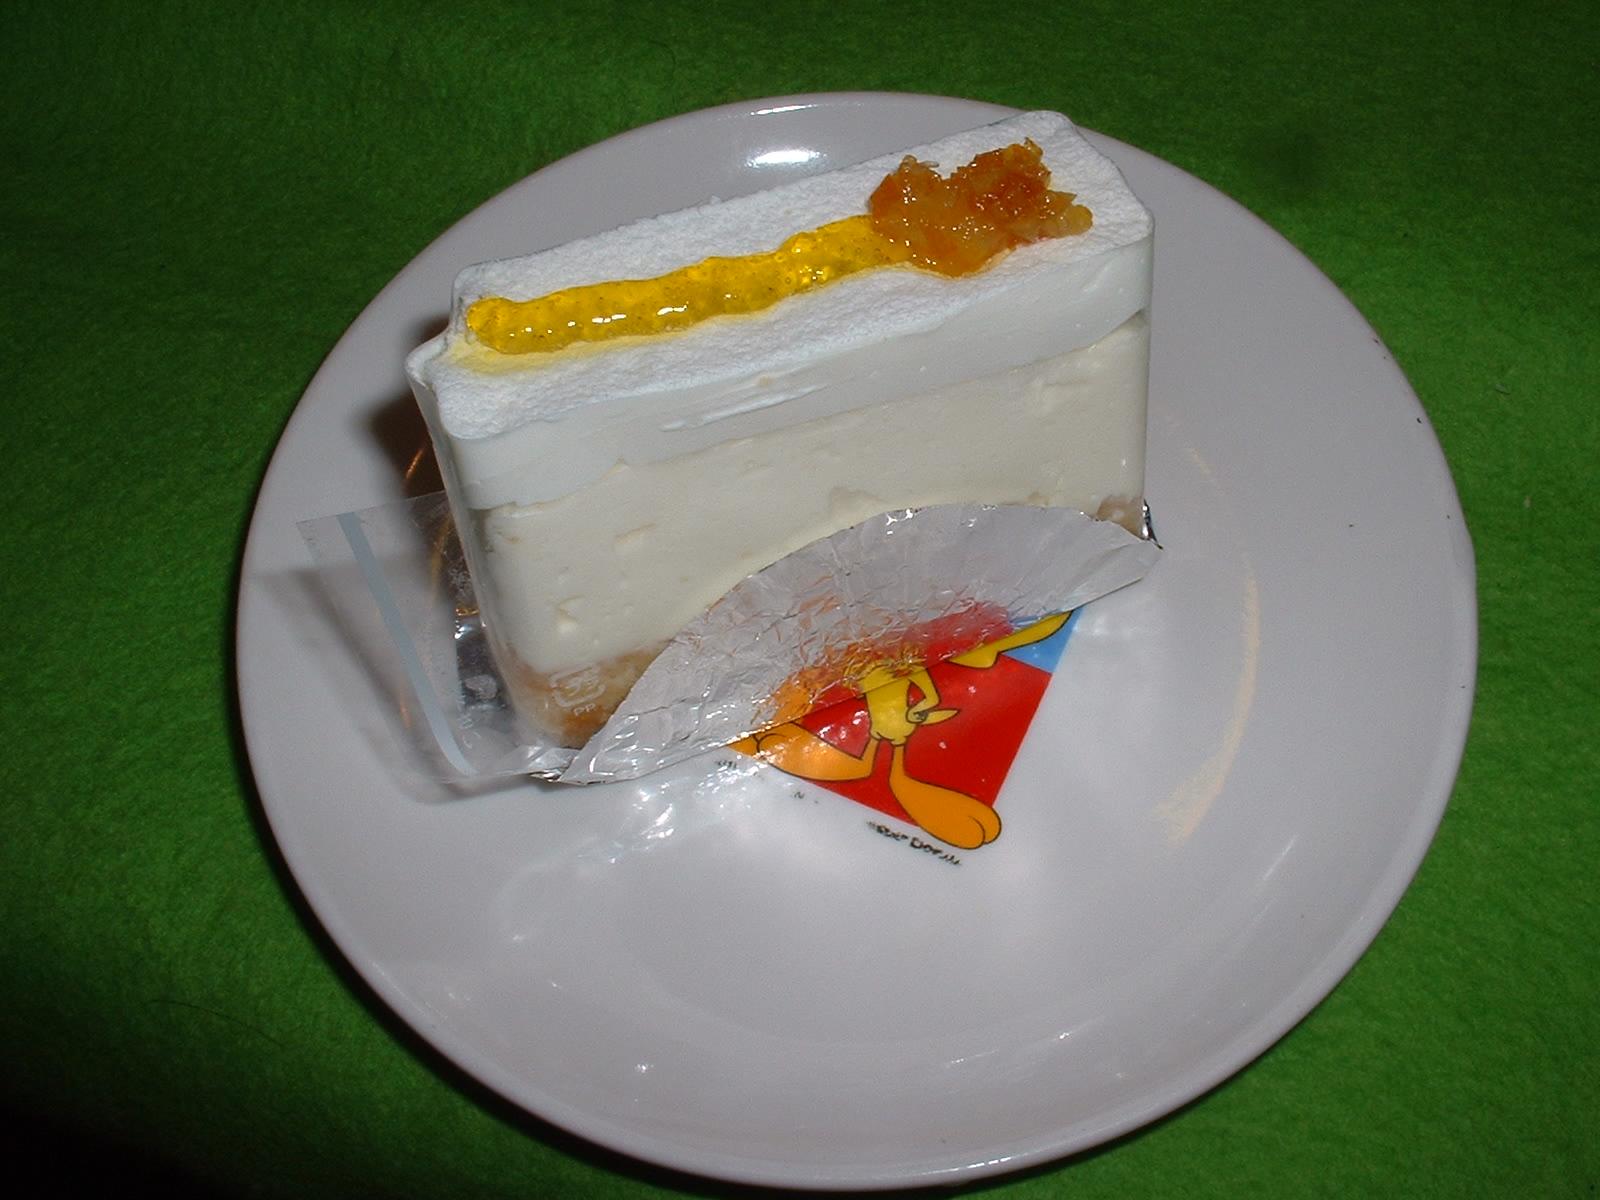 今日の甘いもの 2014年12 月30日 ノエル「レアチーズケーキ」 Doburoku-TAO.JPG